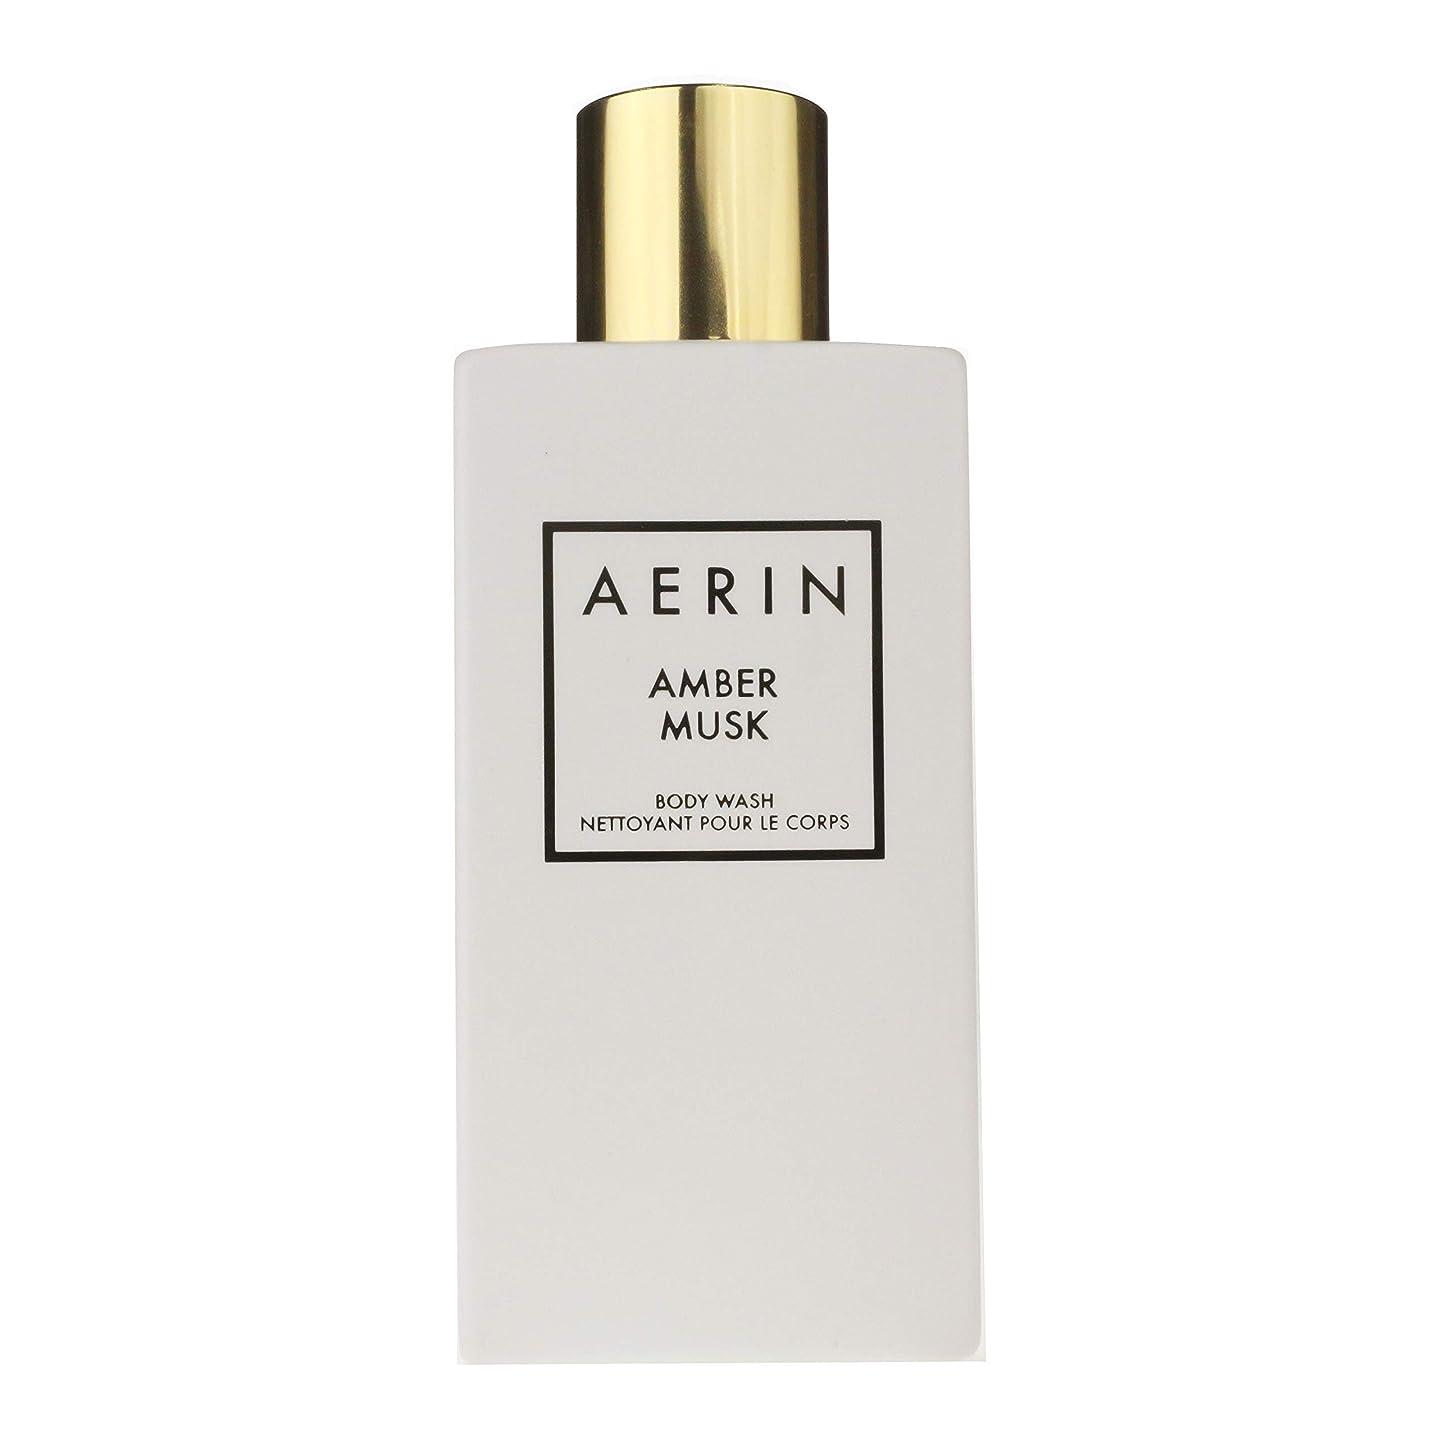 有毒適切に正統派AERIN 'Amber Musk' (アエリン アンバームスク) 7.6 oz (228ml) Body Wash ボディーウオッシュ by Estee Lauder